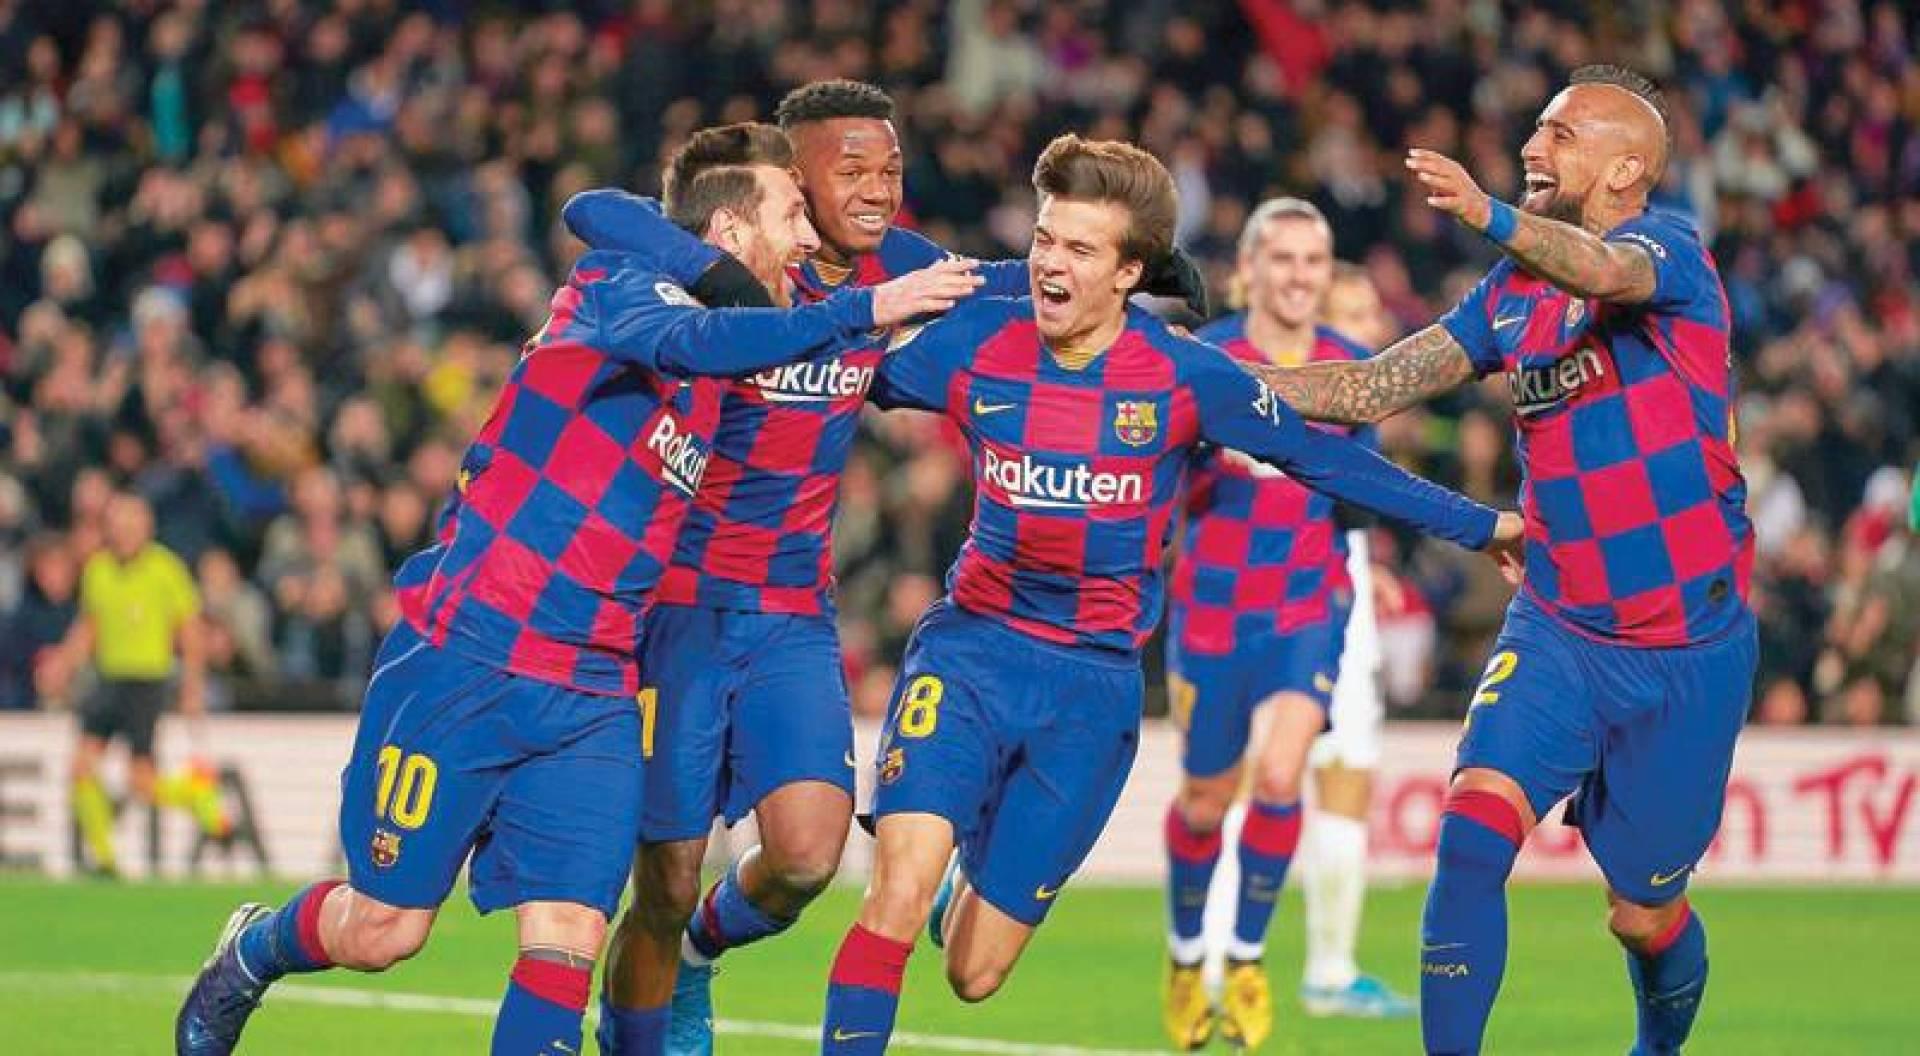 فريق برشلونة يحتاج الى تجديد الدماء